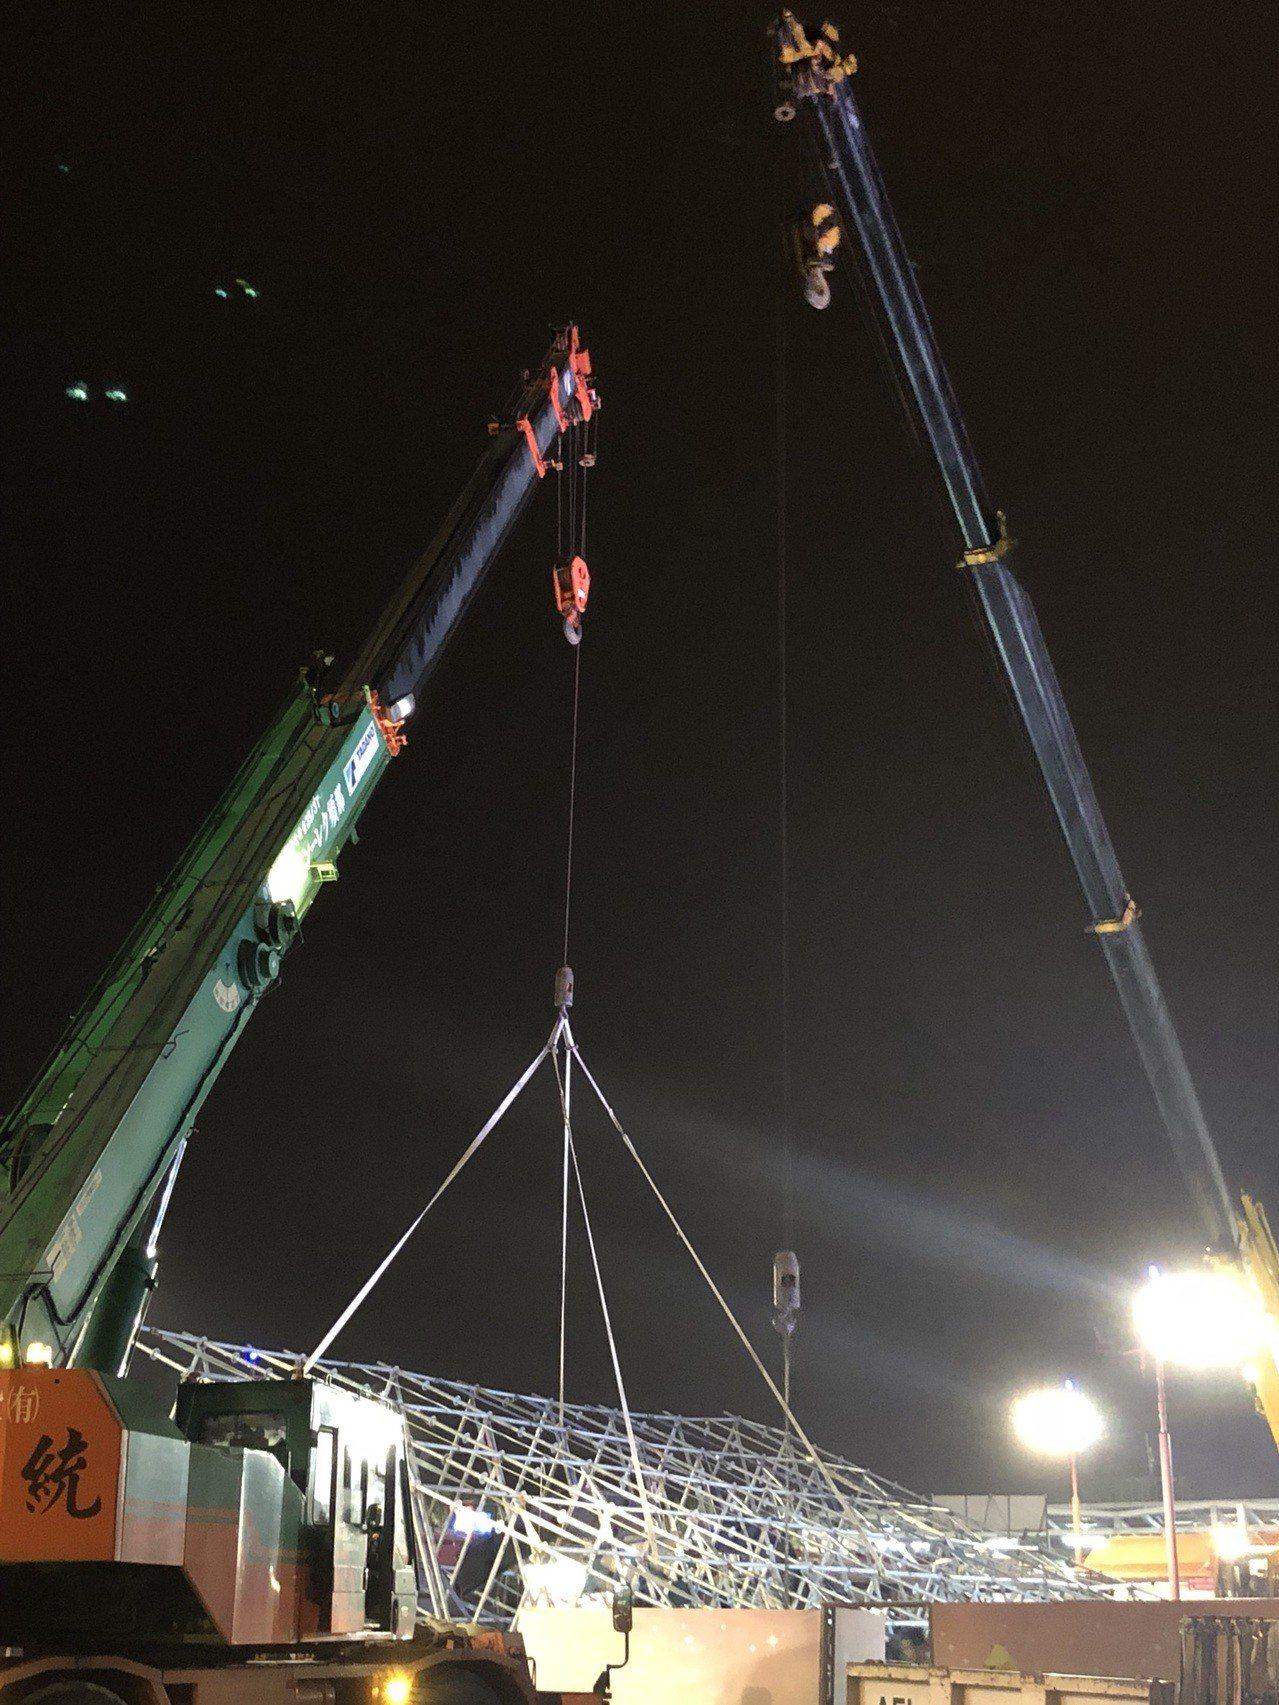 花蓮燈會有一排鐵架因陣風太大陣風8級,向後倒,已用叫吊車吊起來。圖/民眾提供